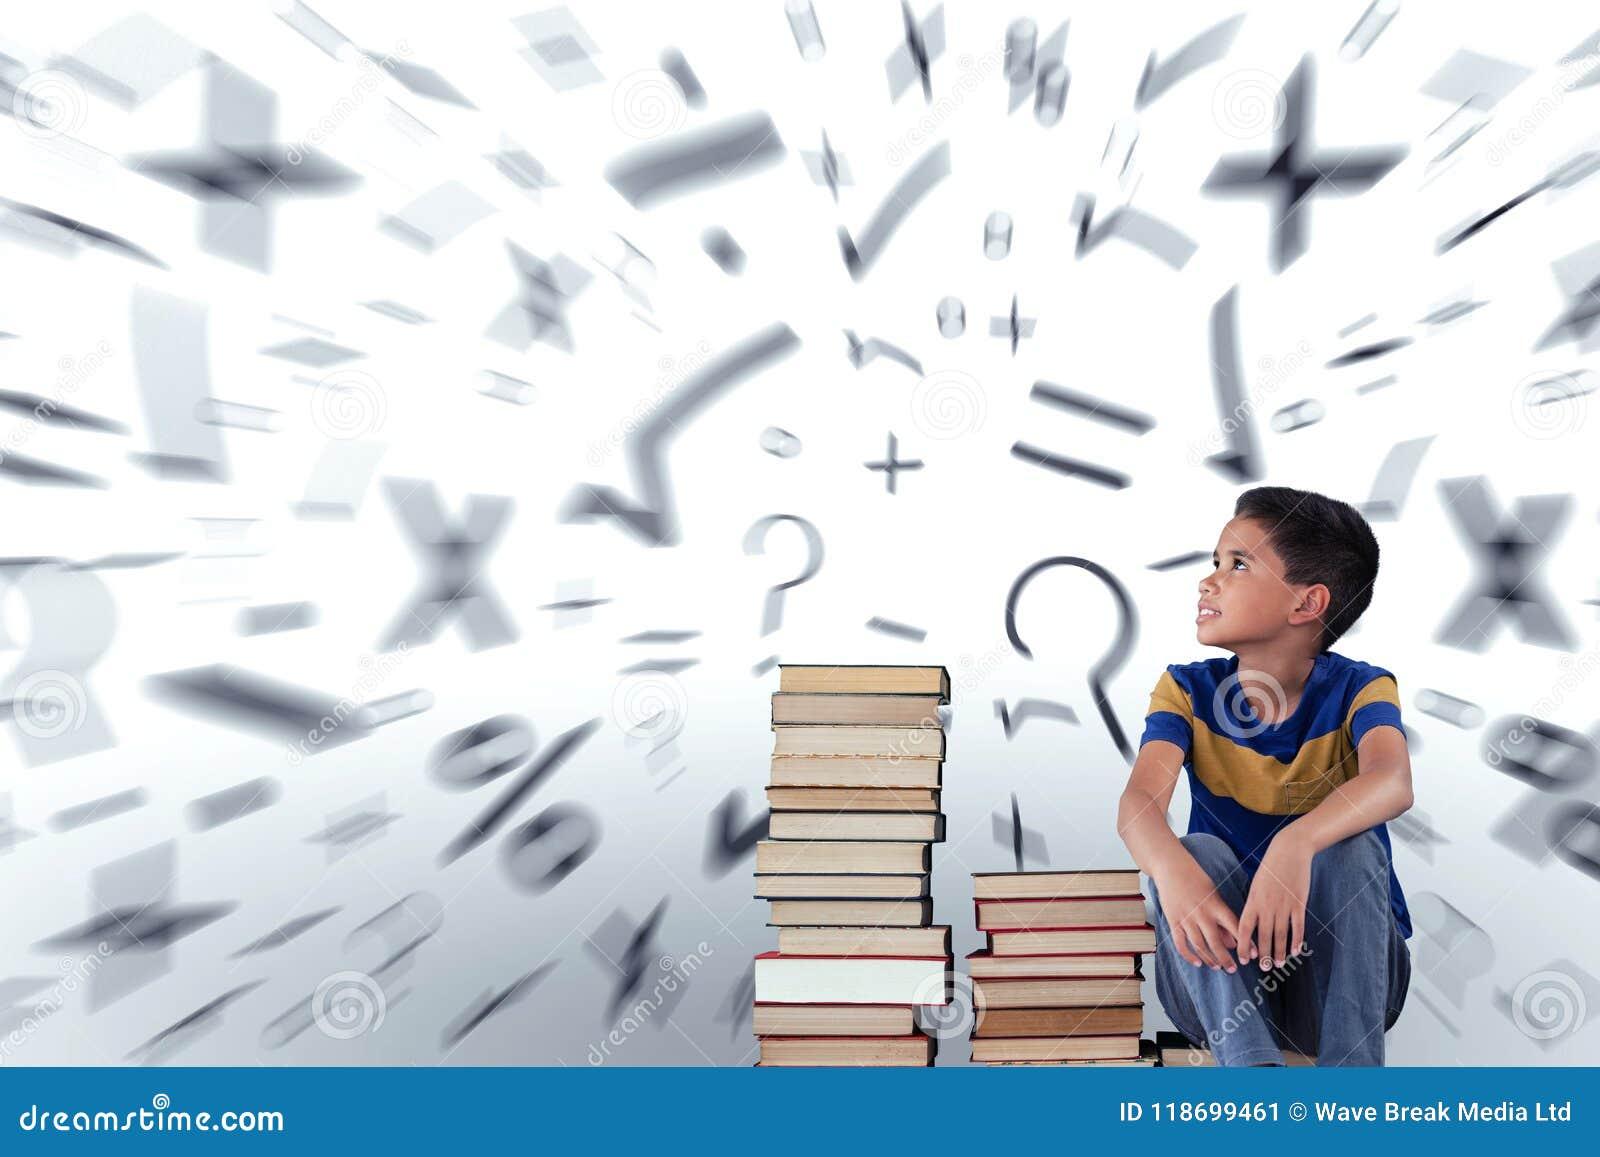 Zusammengesetztes Bild des durchdachten Schülers sitzend mit Büchern auf Holztisch